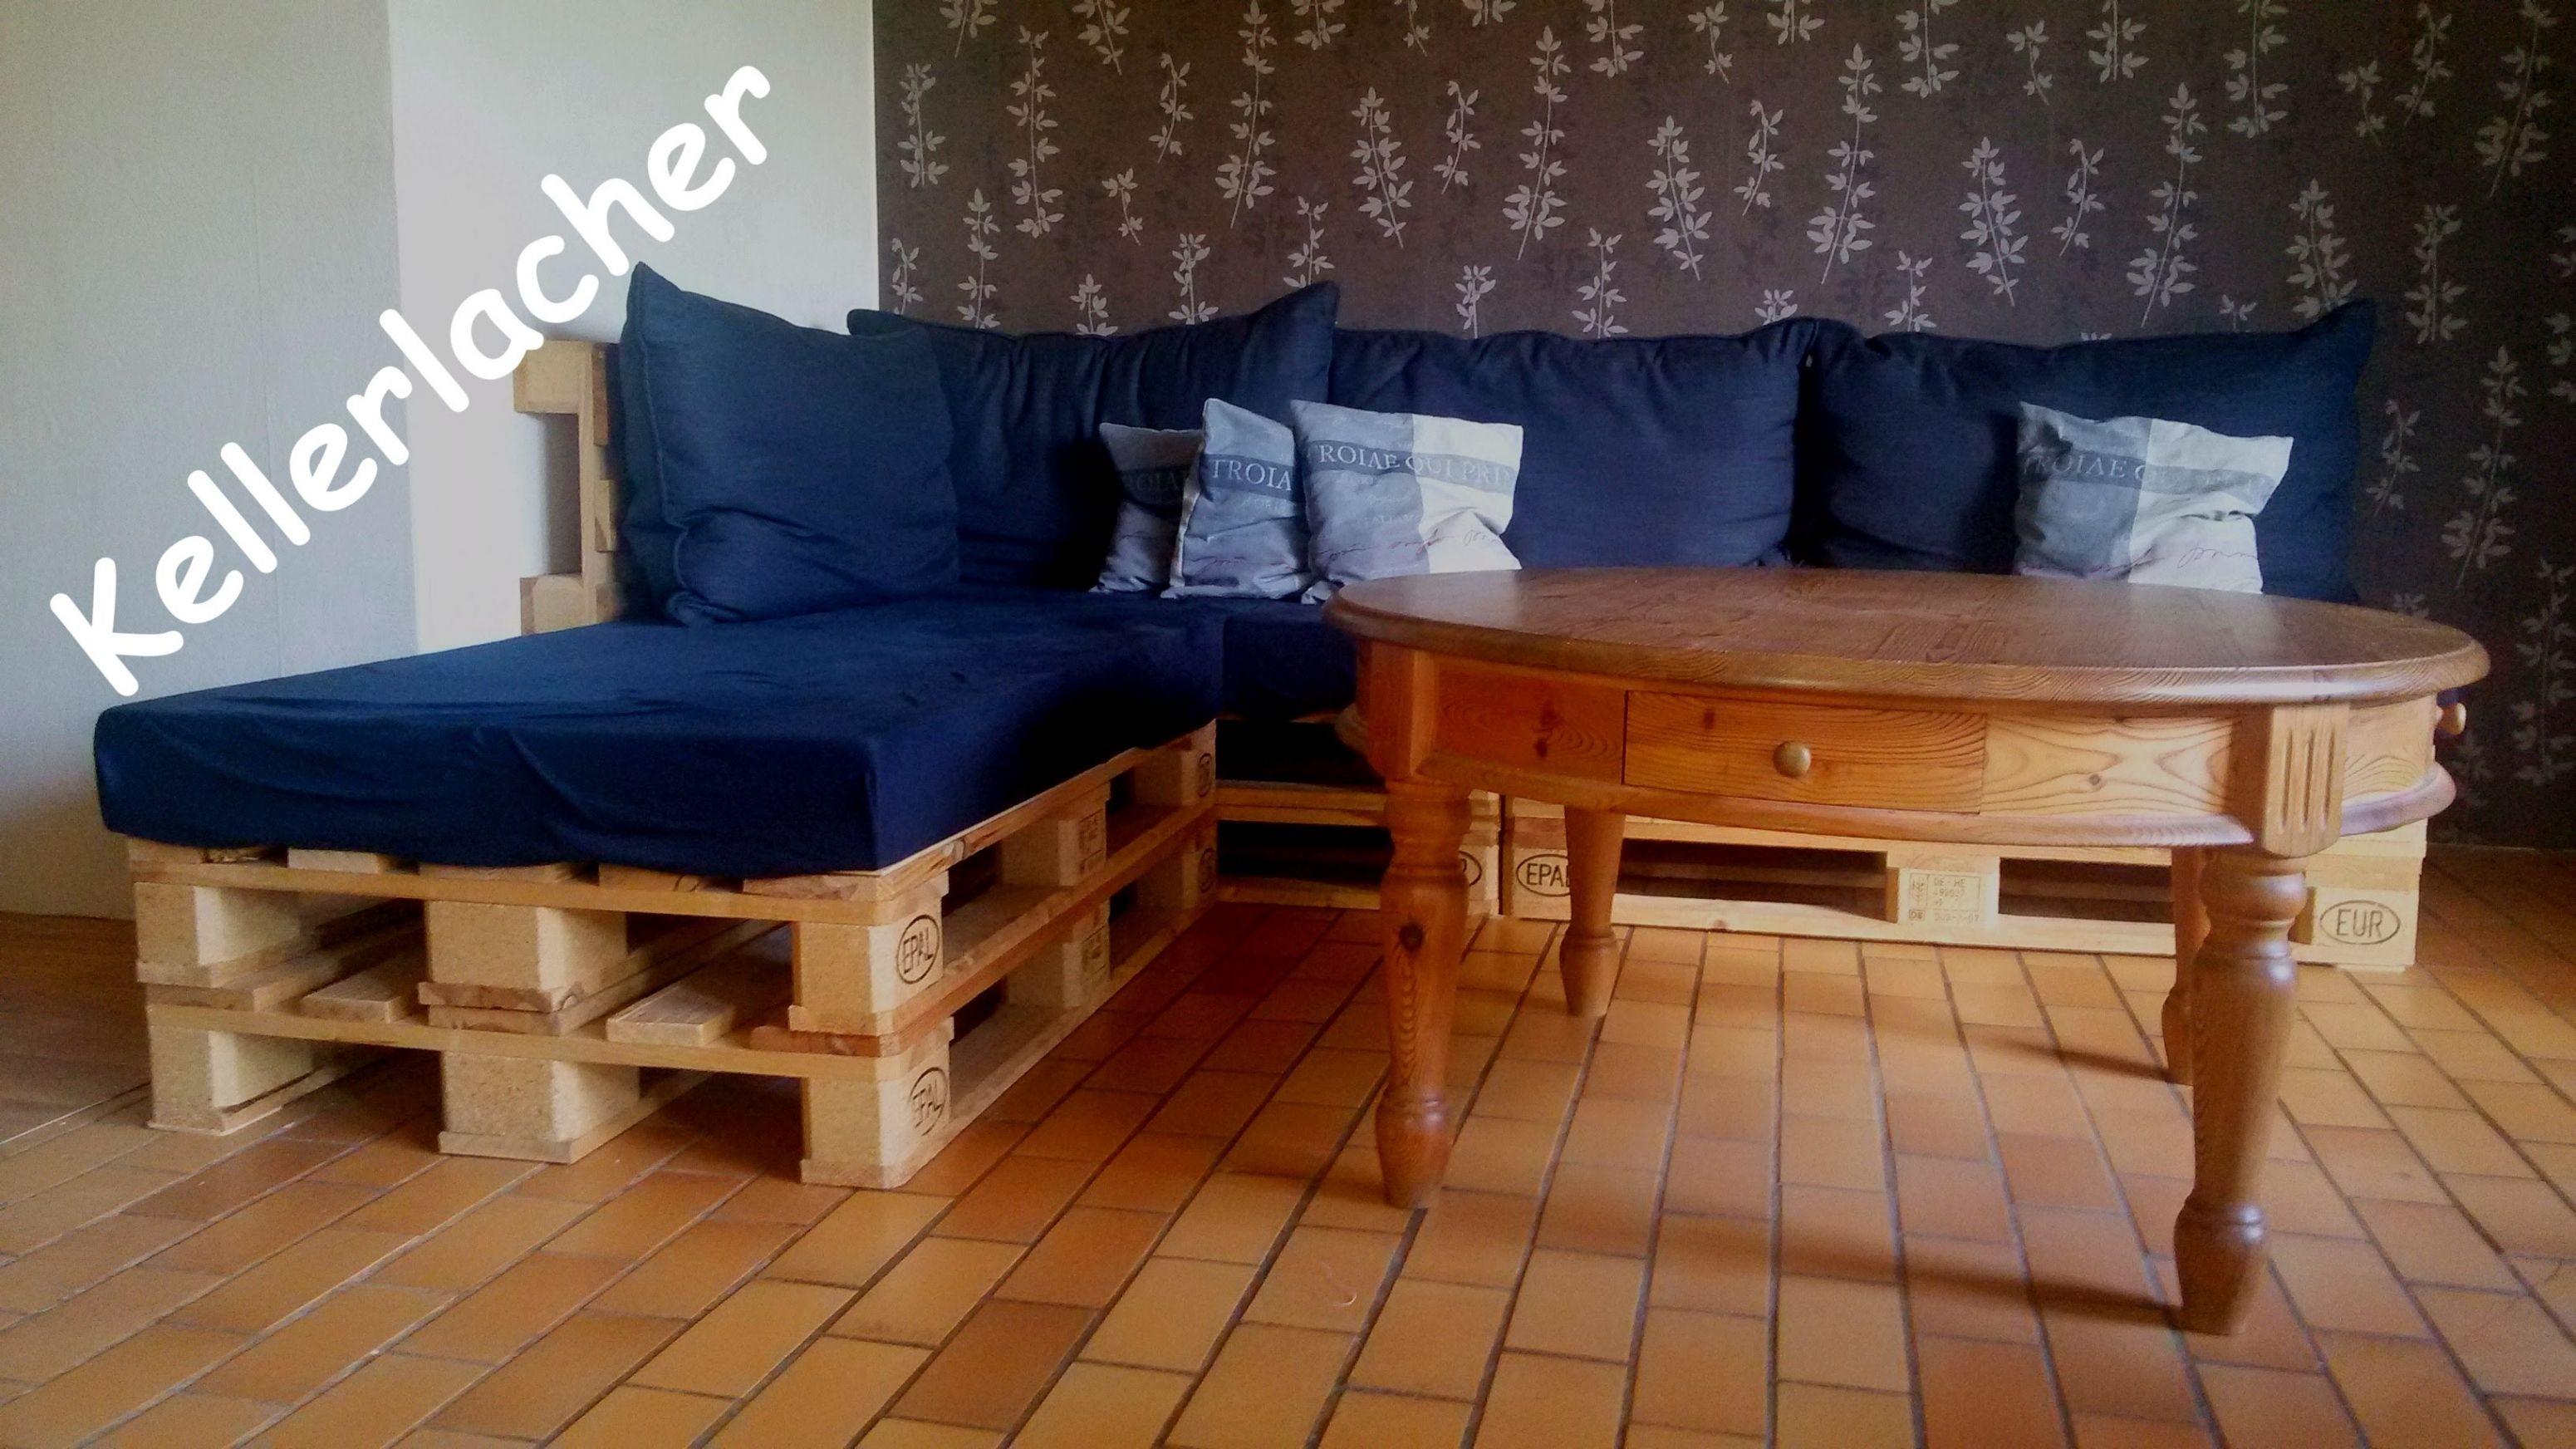 Attraktiv Wohnzimmermöbel Selber Bauen | Wohnzimmermöbel | Pinterest ...